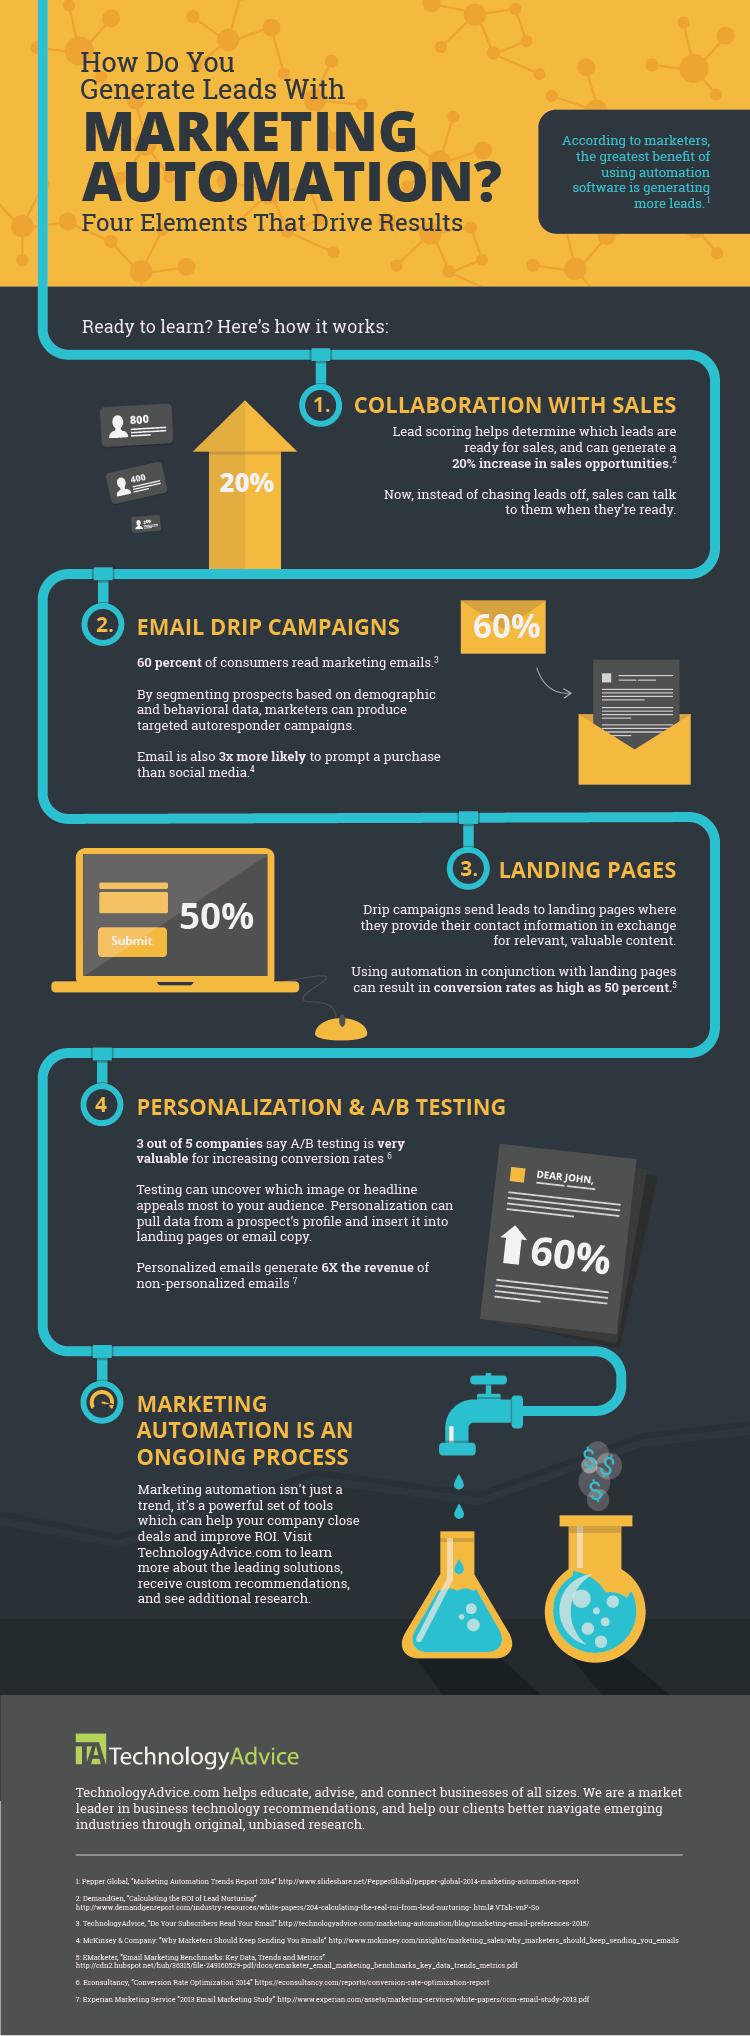 Définition C Est Quoi Le Marketing Automatisé Ou L Automation Marketing Isarta Infos Marketing Automation Infographic Marketing Marketing Technology